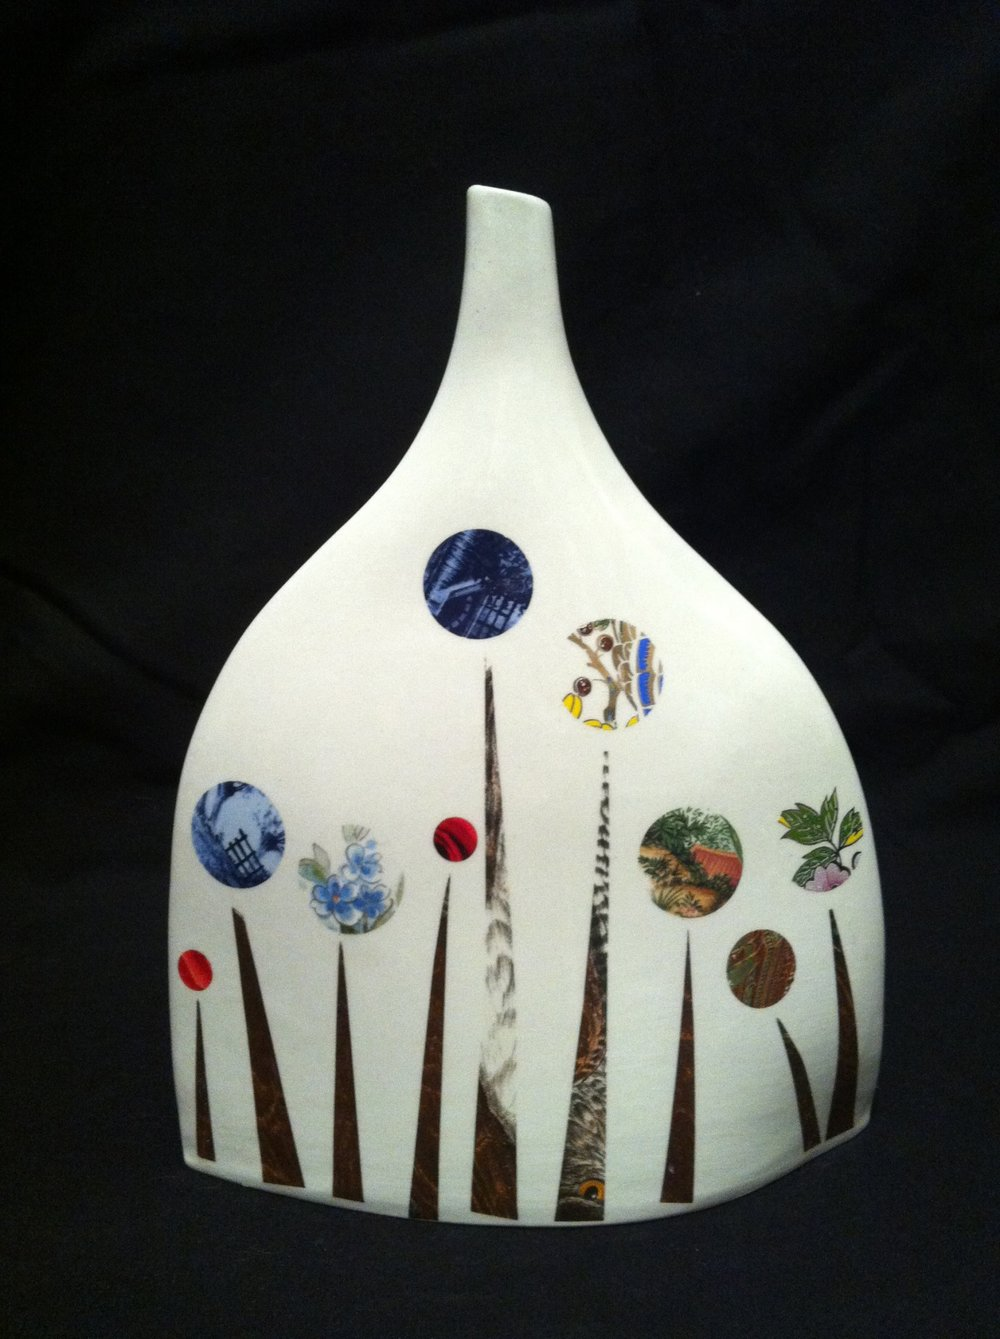 Aslin-Hummel | Untitled Vessel 3 | organic earthenware